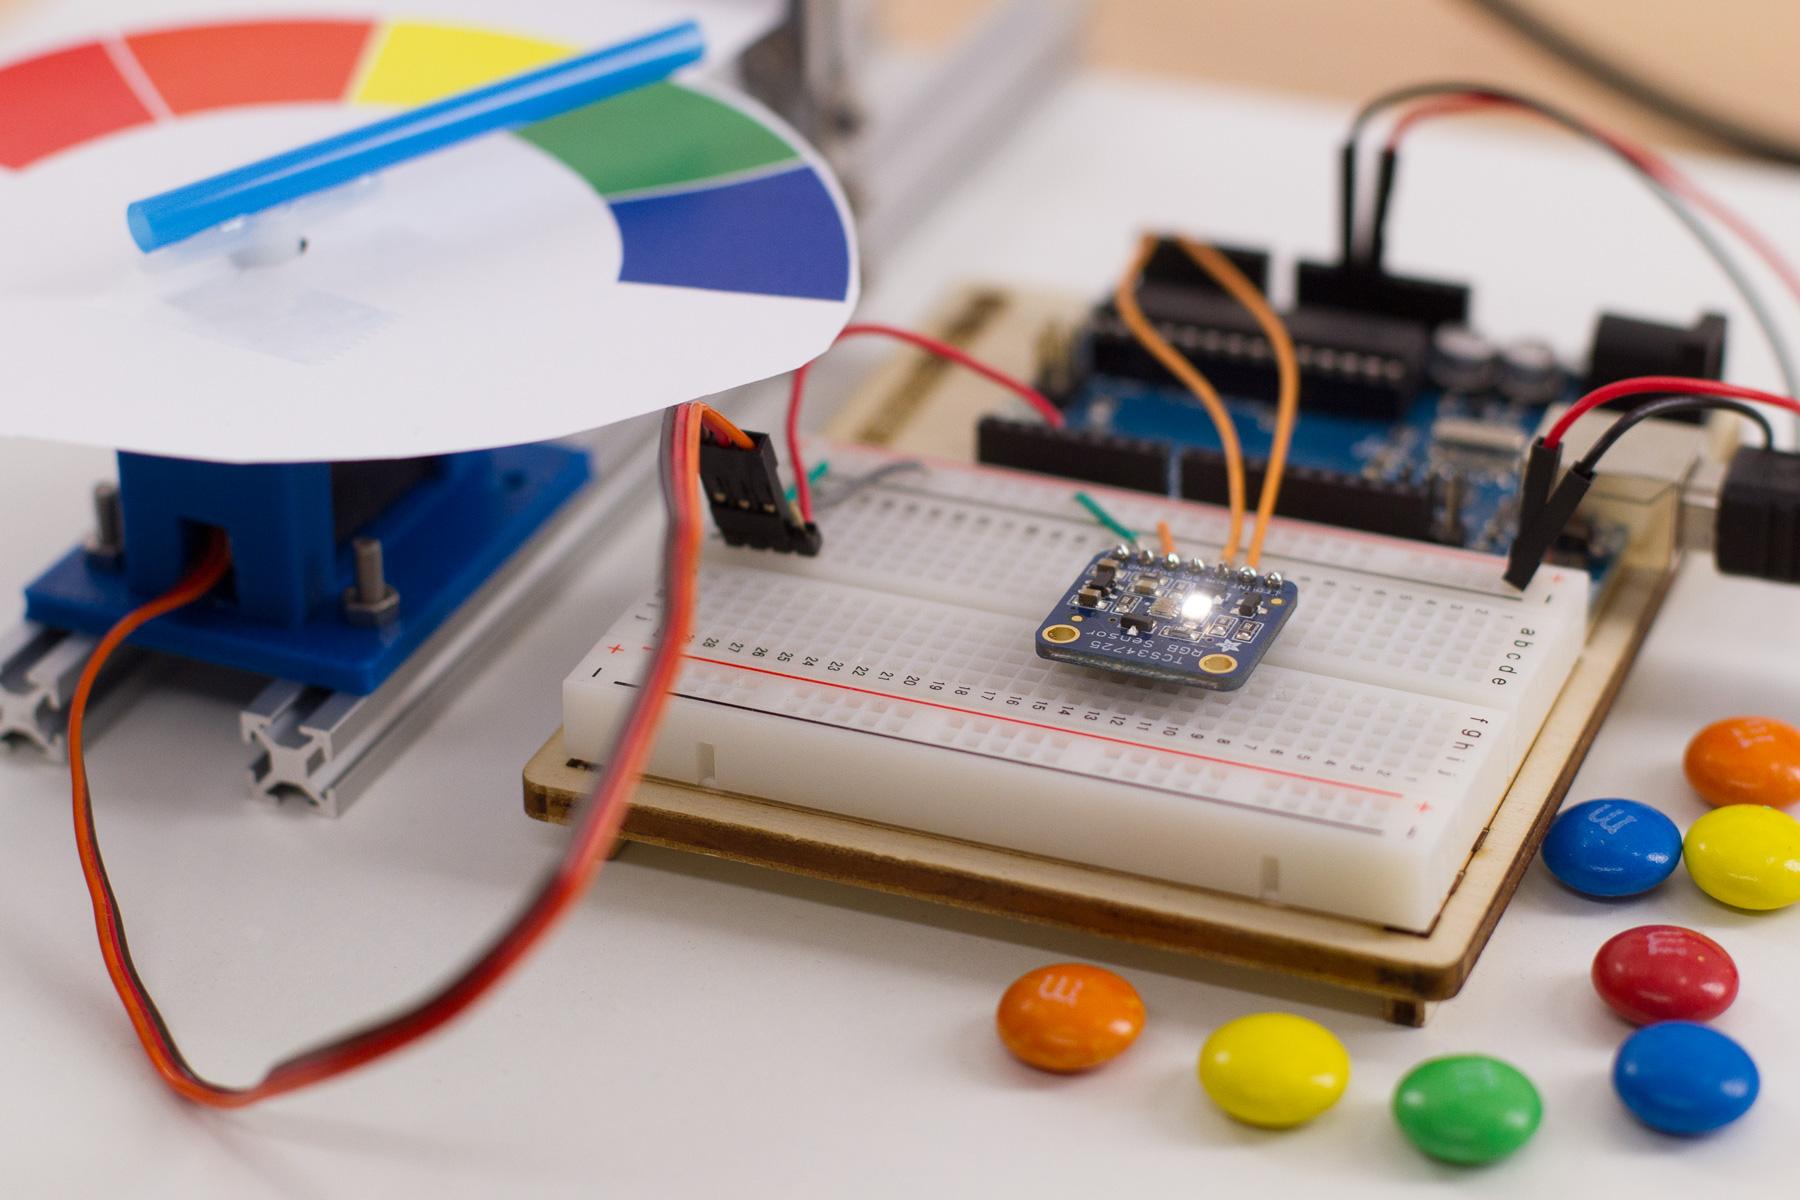 Farben erkennen mit dem RGB Sensor TCS34725 und dem Arduino